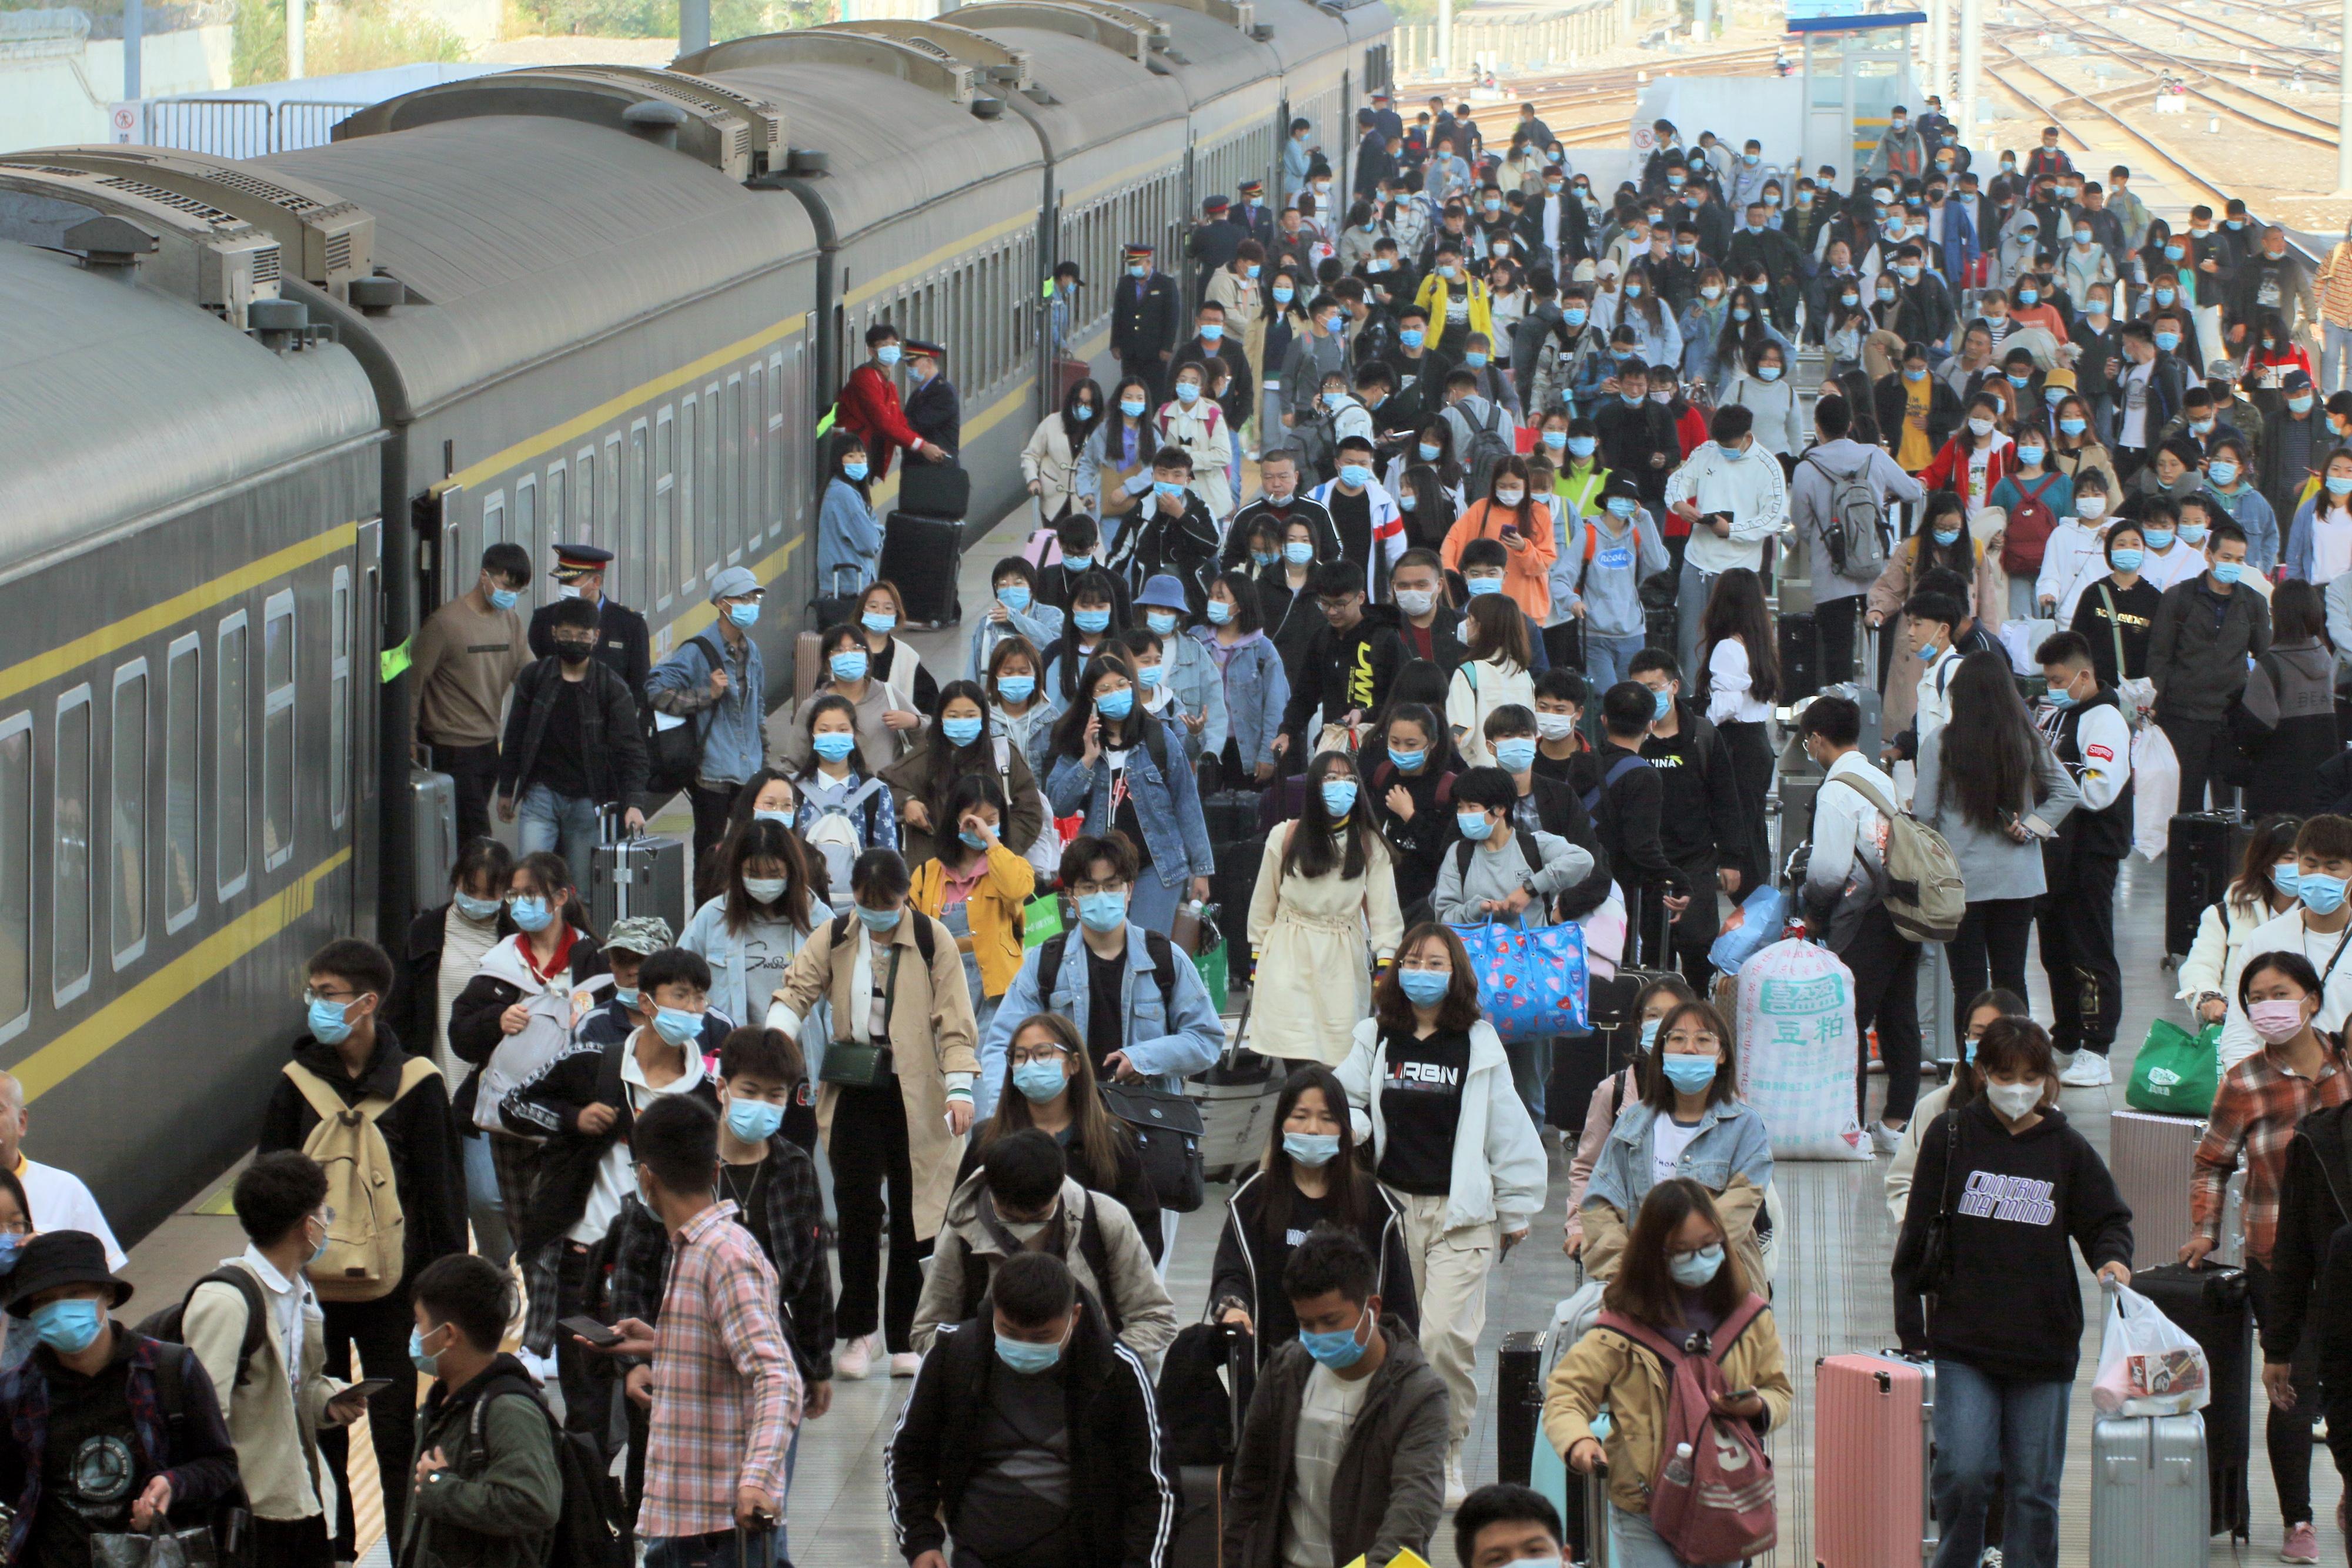 國慶長假臨近尾聲,多地交通運輸部門迎來返程客流高峰。圖為10月8日,旅客在山東煙台火車站下車出站。(新華社)